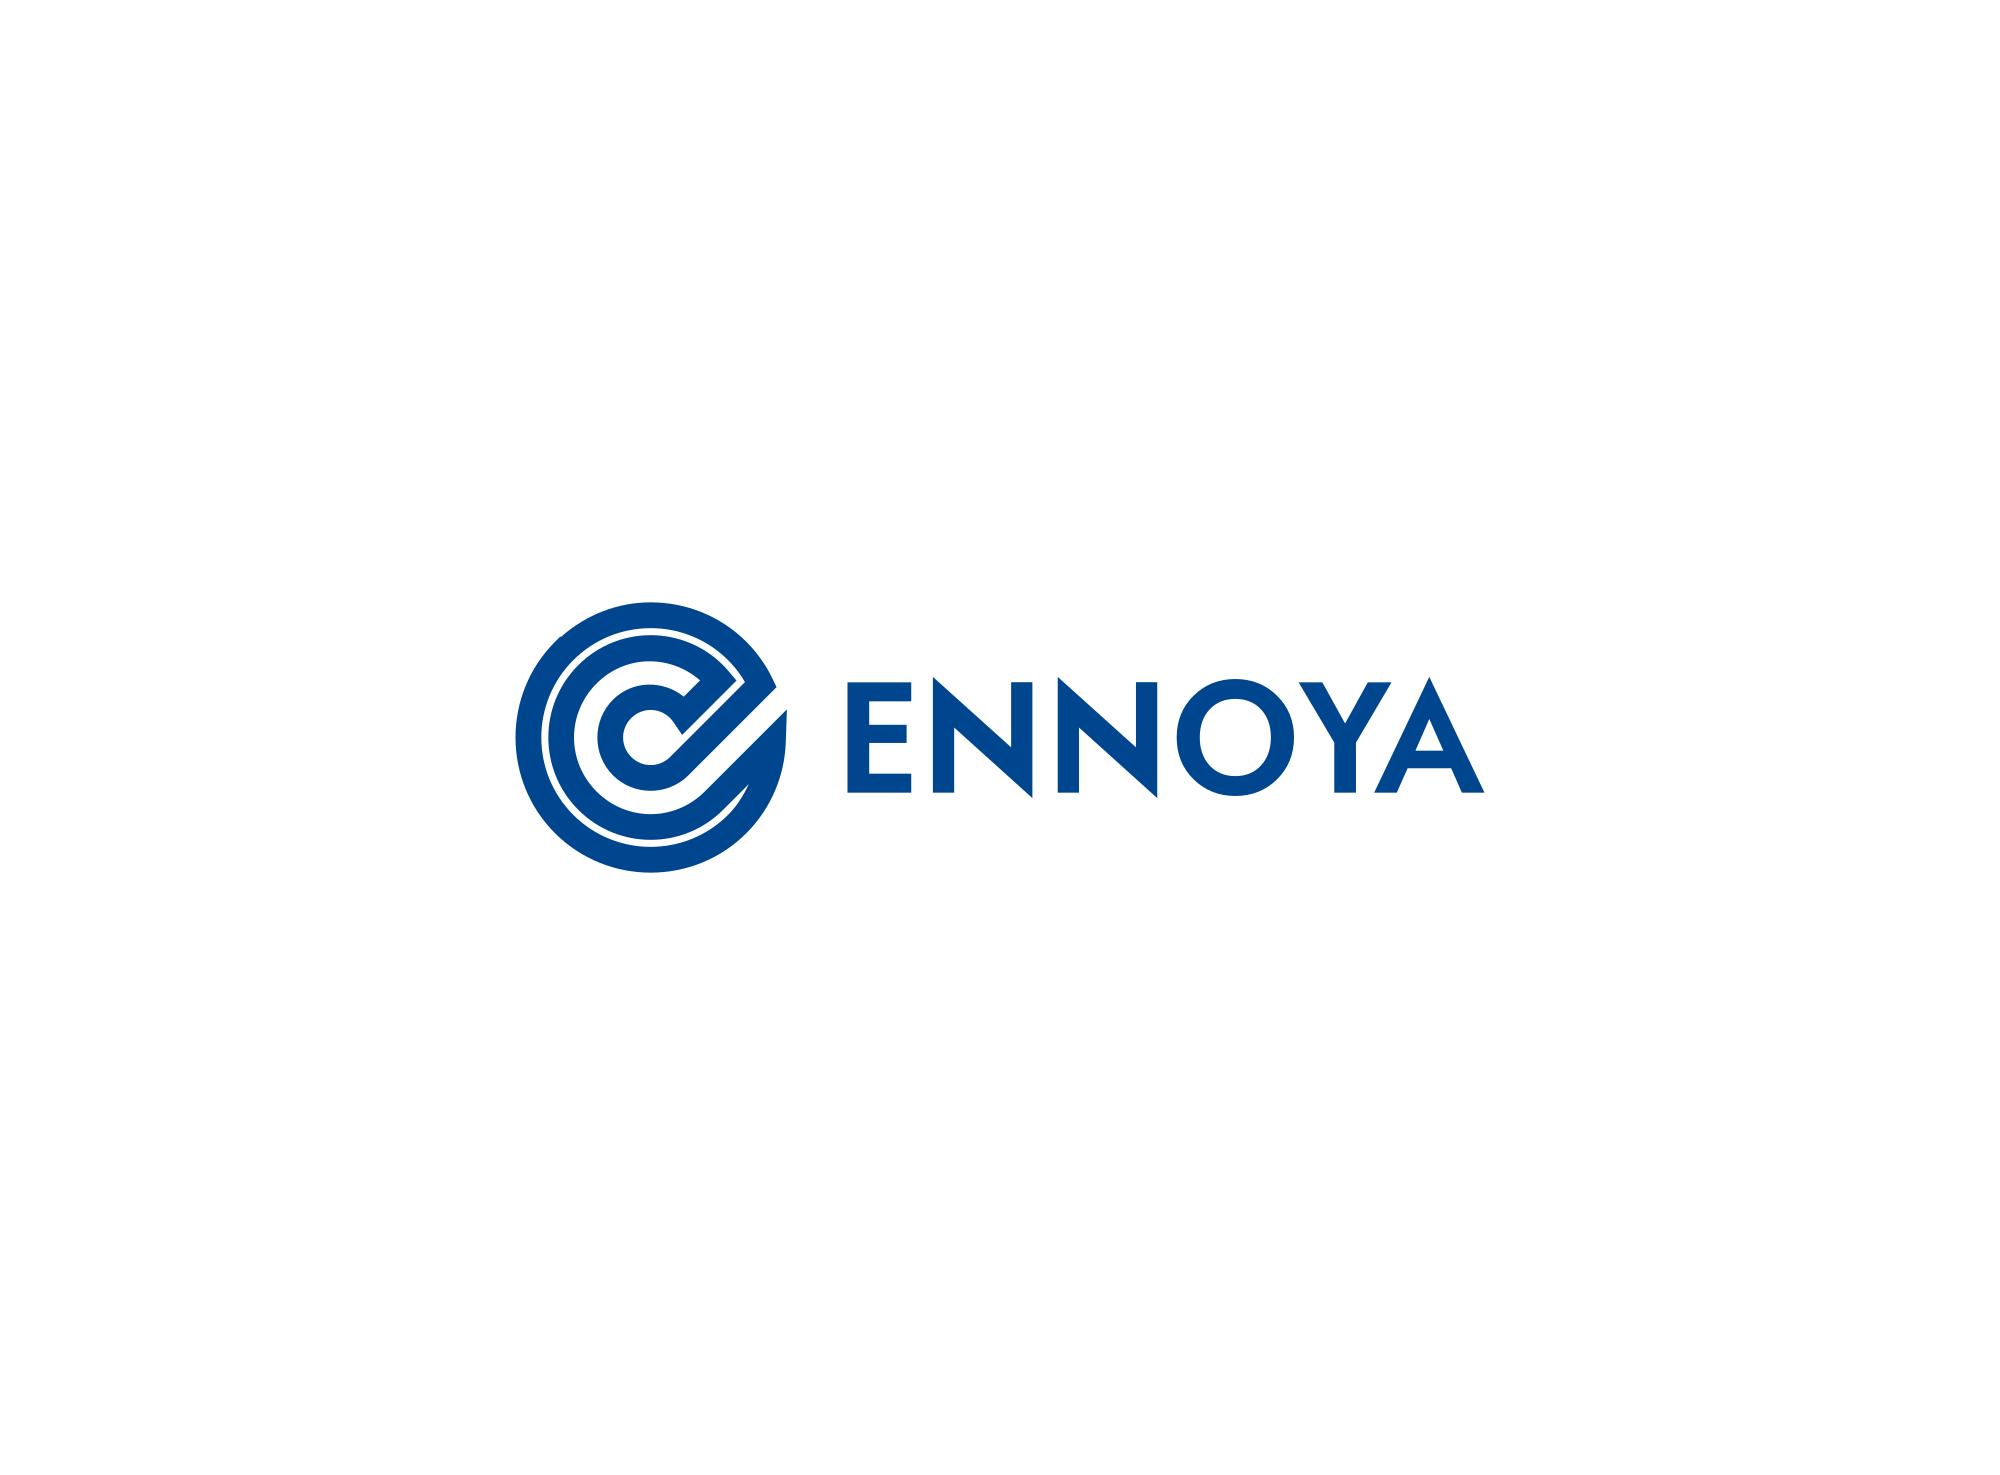 Логотип + фирменный стиль для продуктовой IT компании фото f_4285ad5f994678a3.png